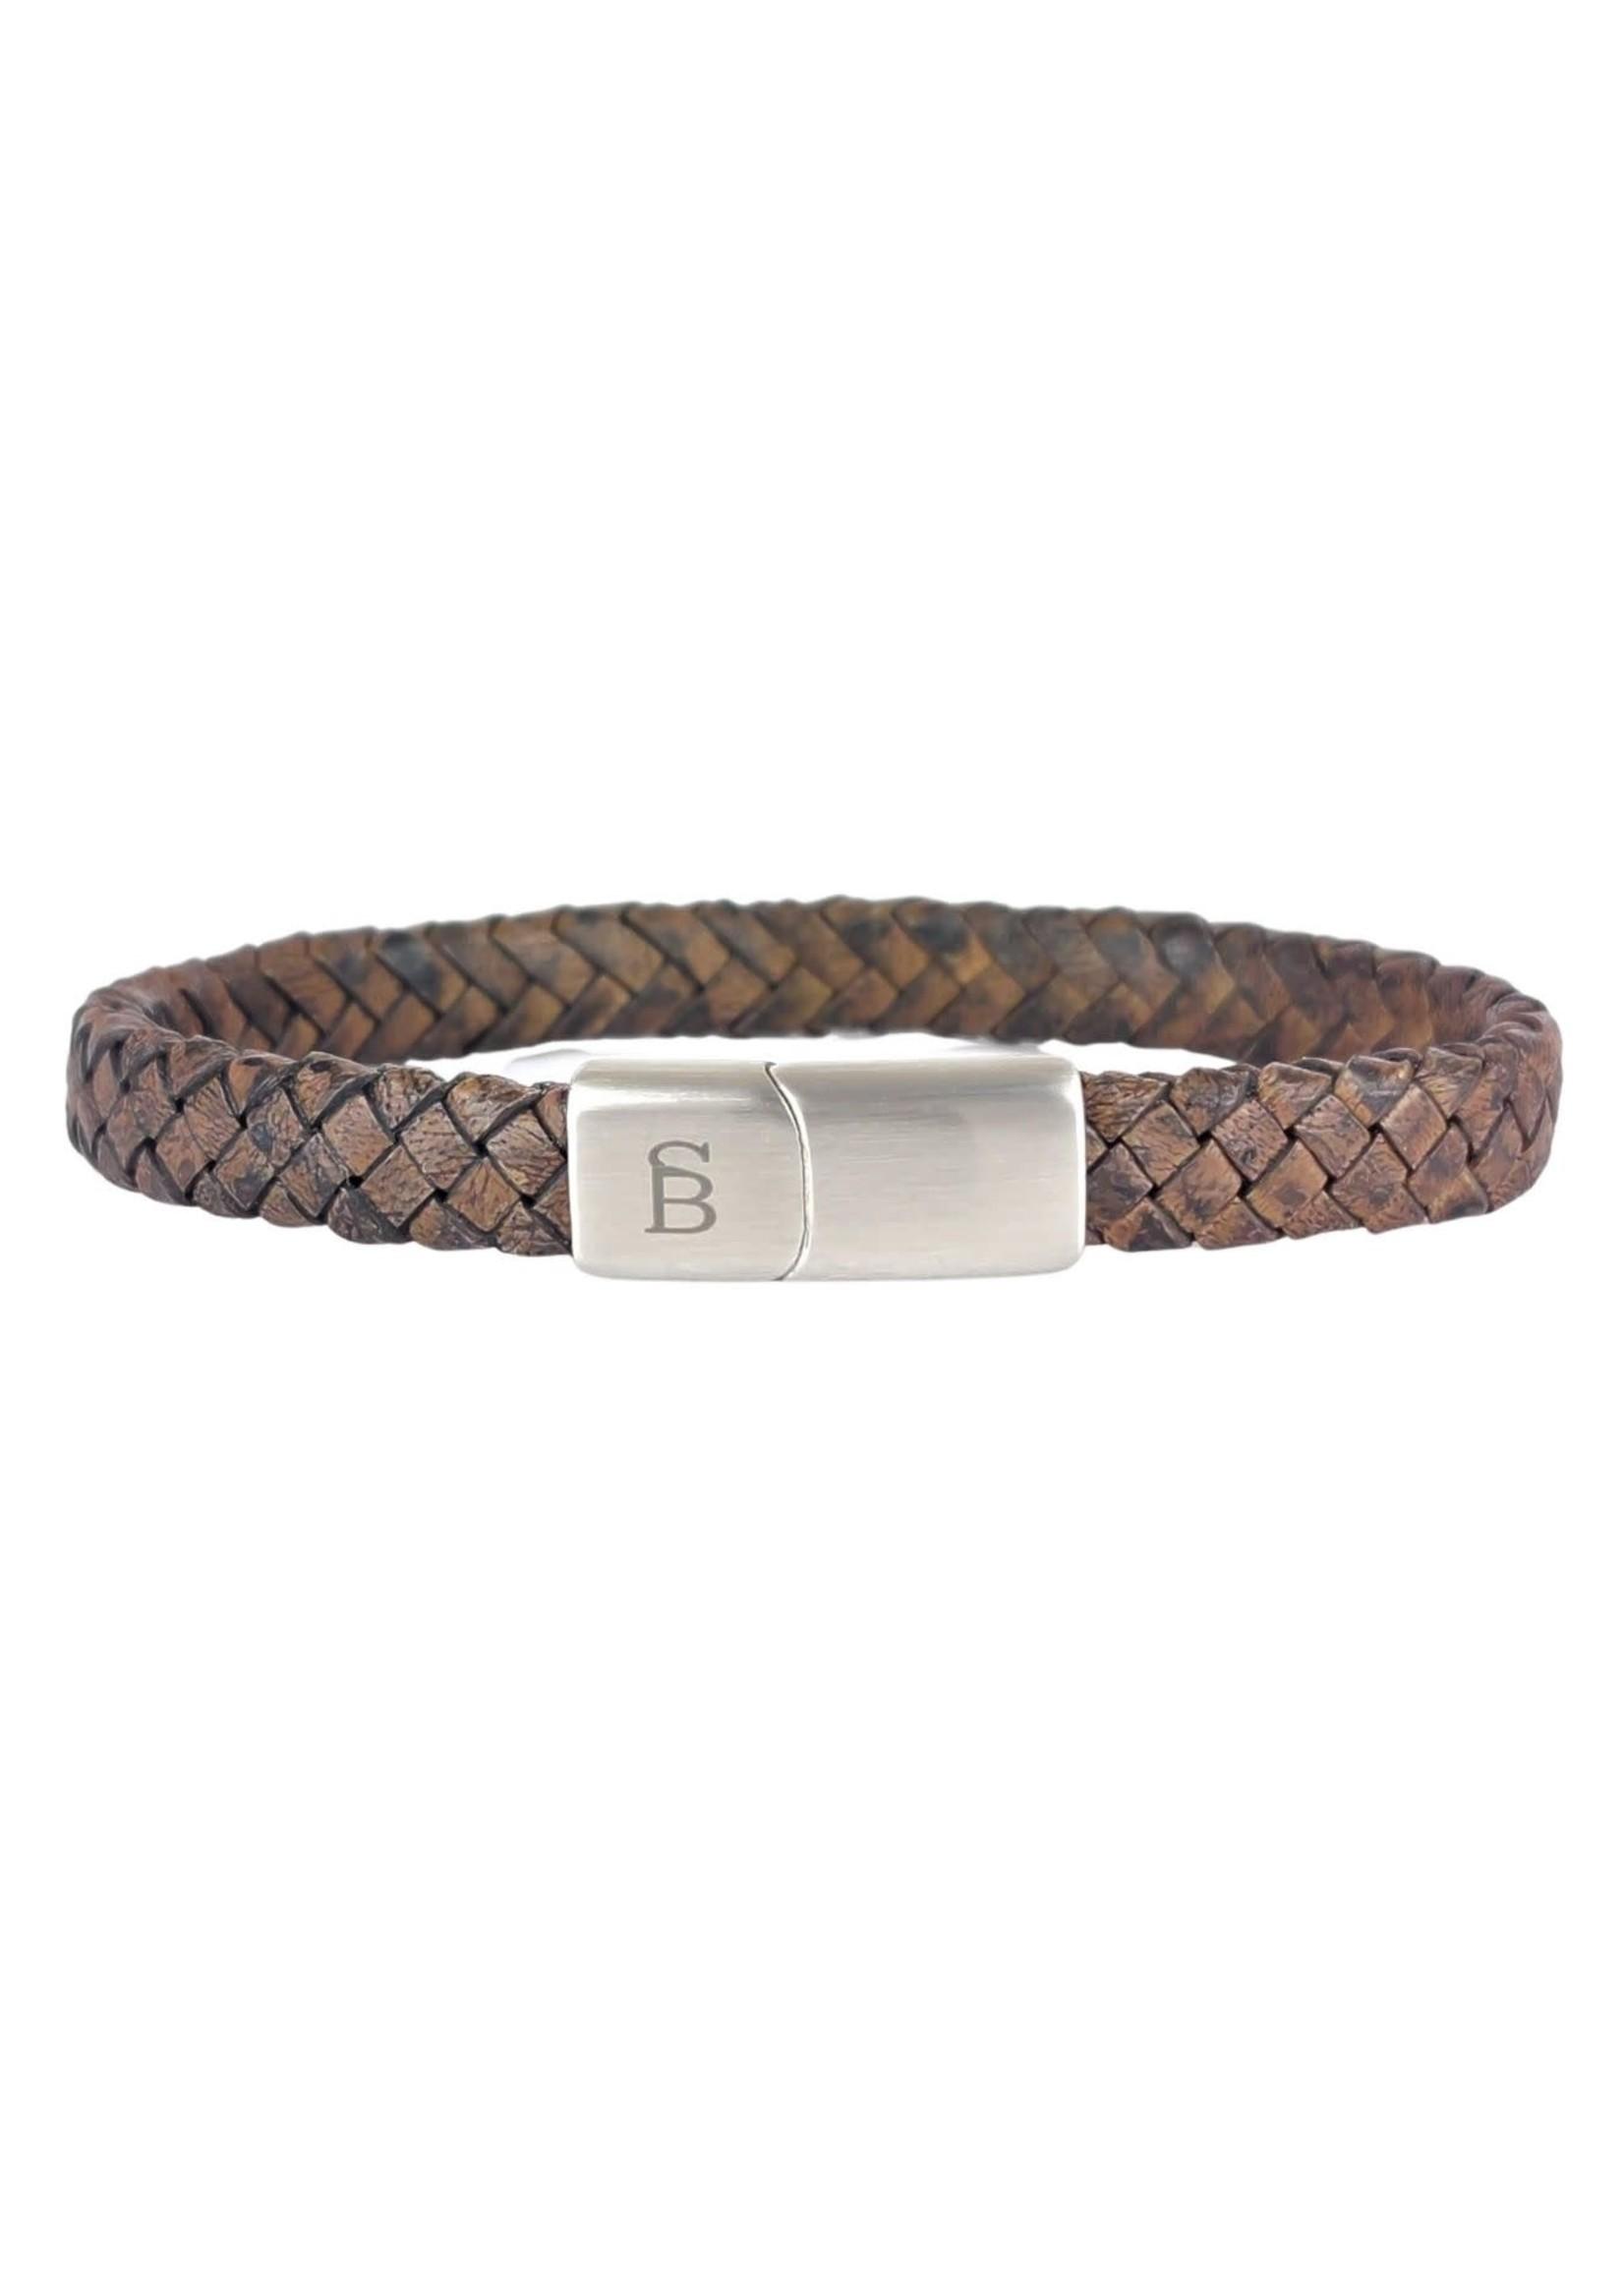 Steel & Barnett Leather Bracelet Riley | Vintage Brown | Steel&Barnett